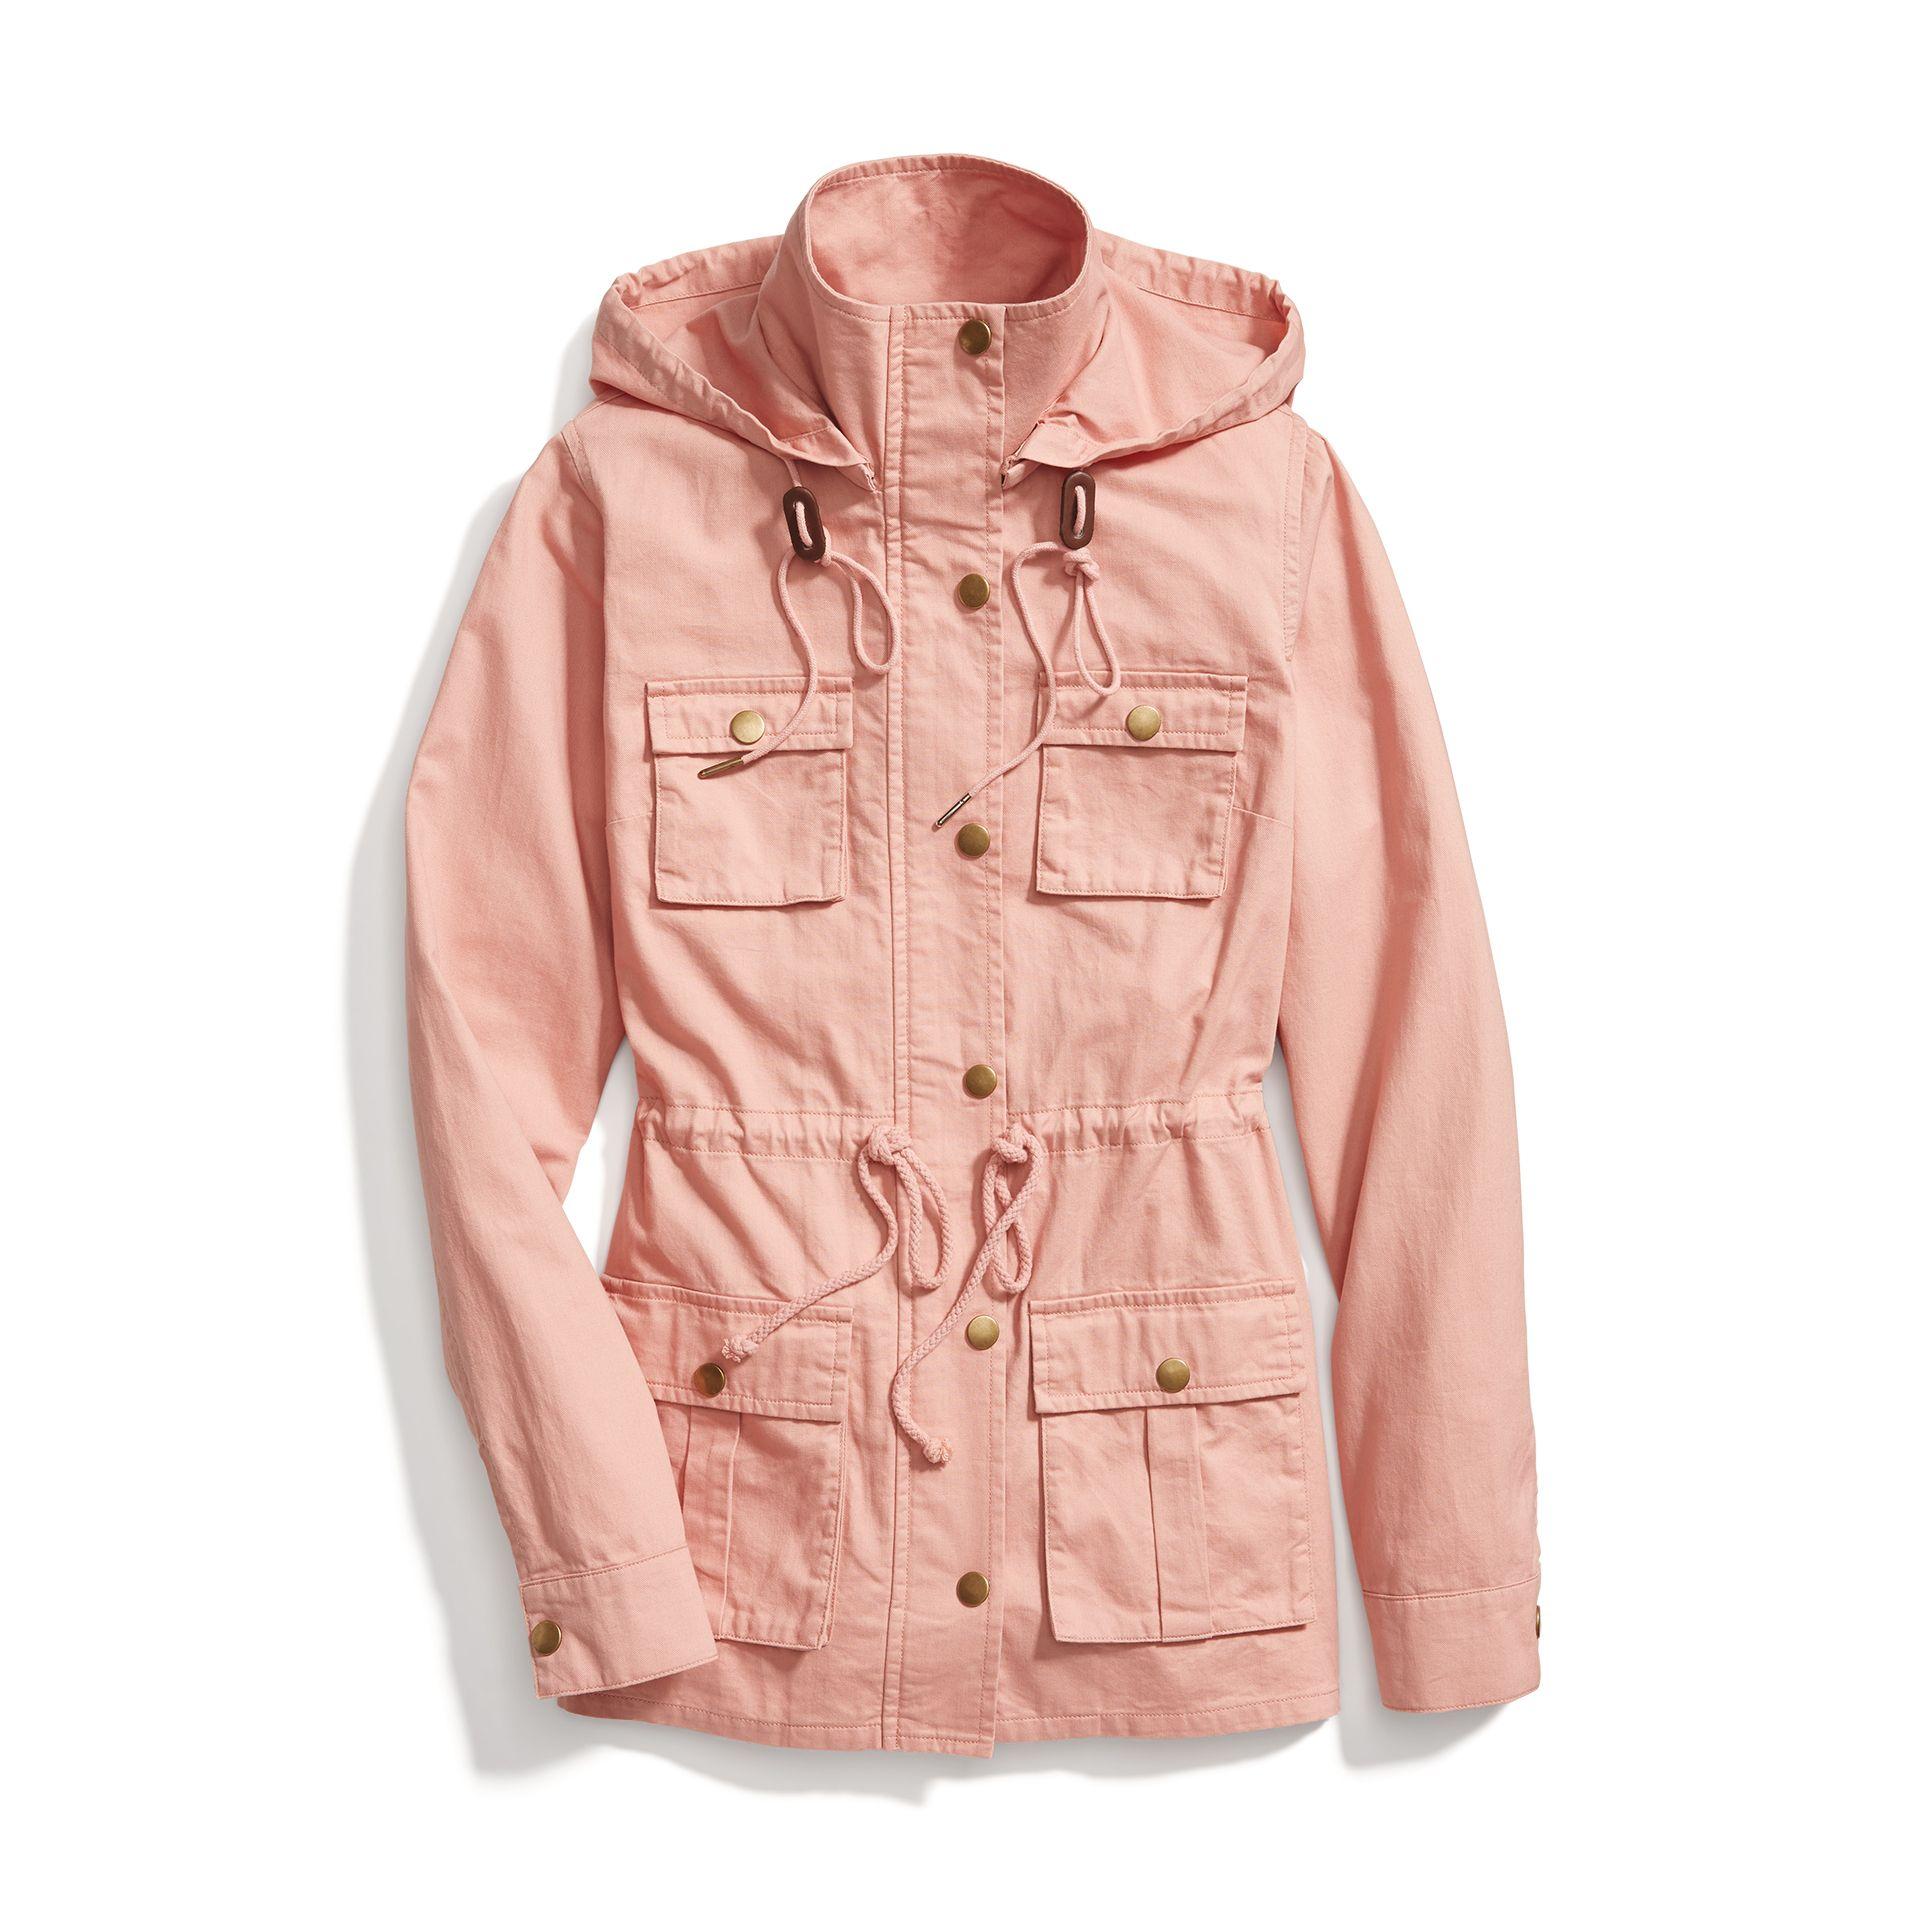 Stitch Fix Spring Outerwear: Blush Pink Anorak | Stylist Picks ...